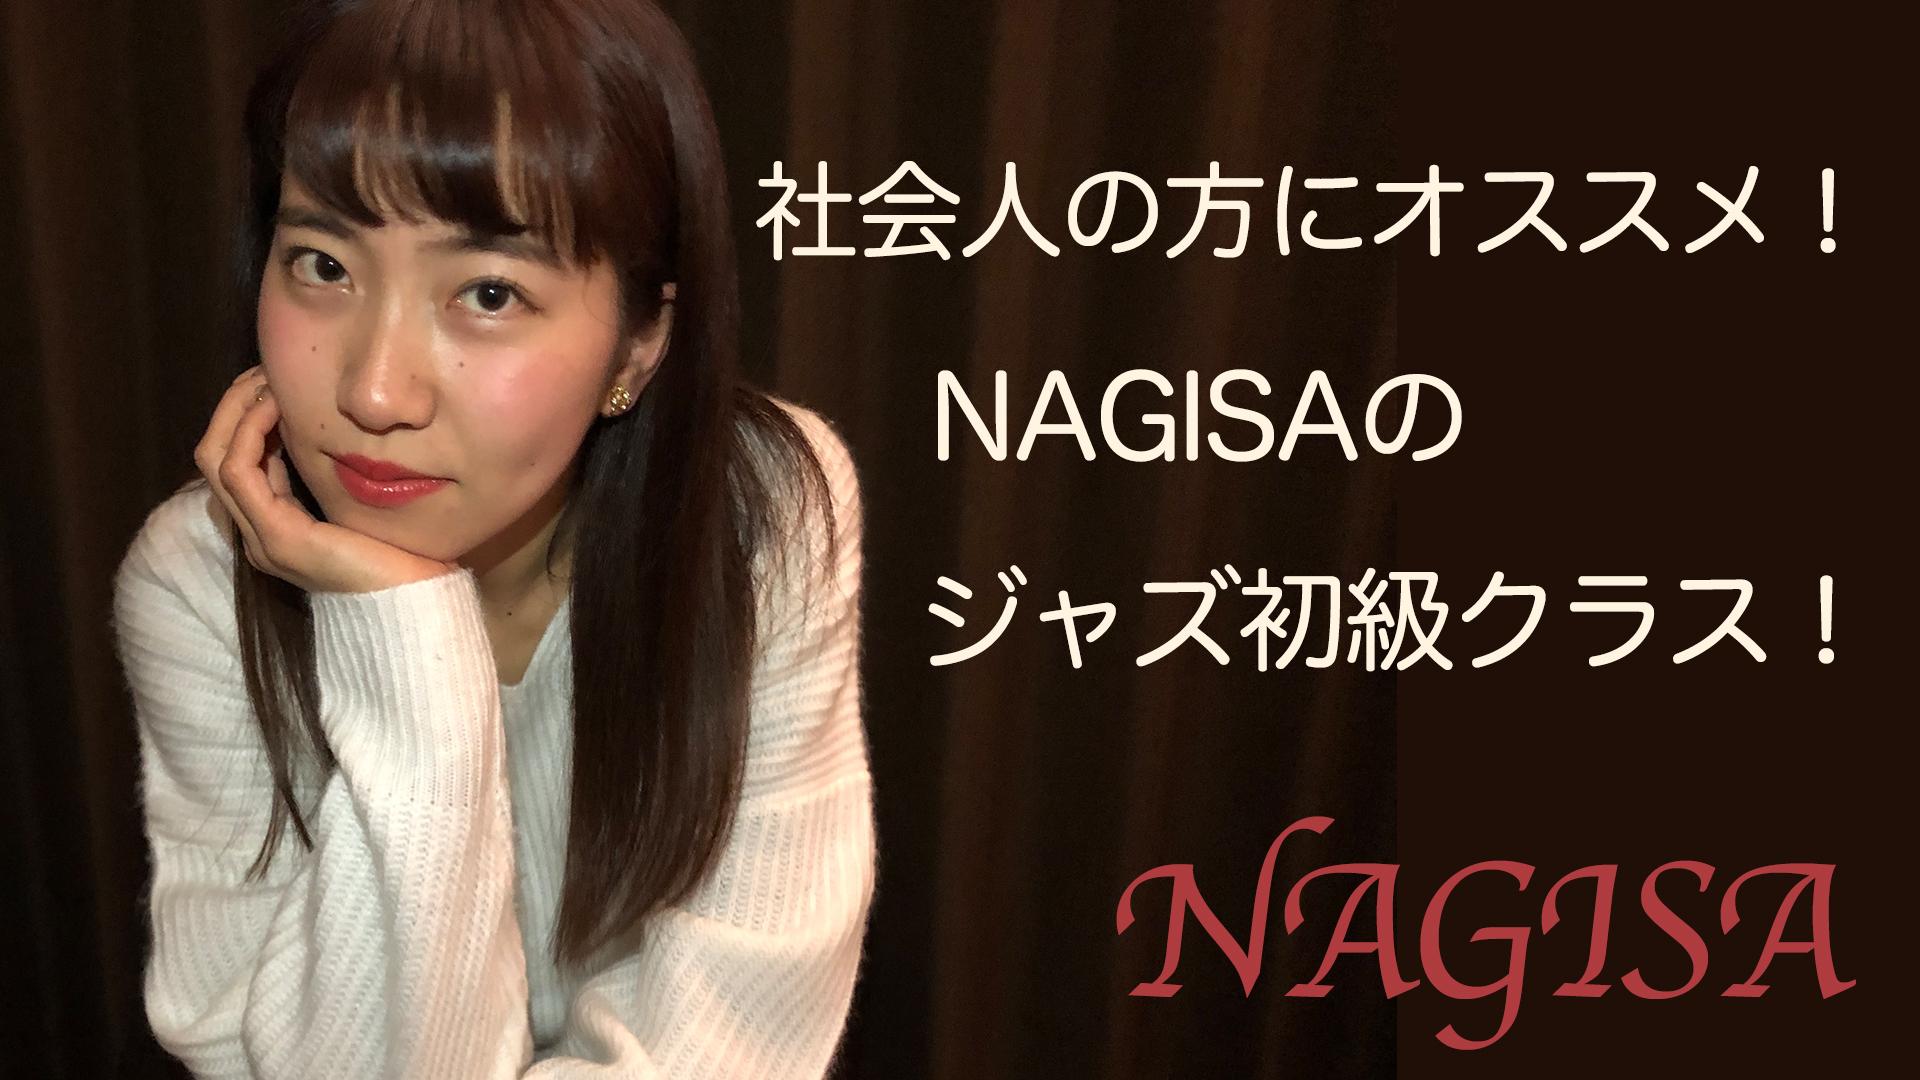 NAGISAのジャズ初級クラスがスタート!福岡の社会人の方にぜひ受けていただきたいクラス!